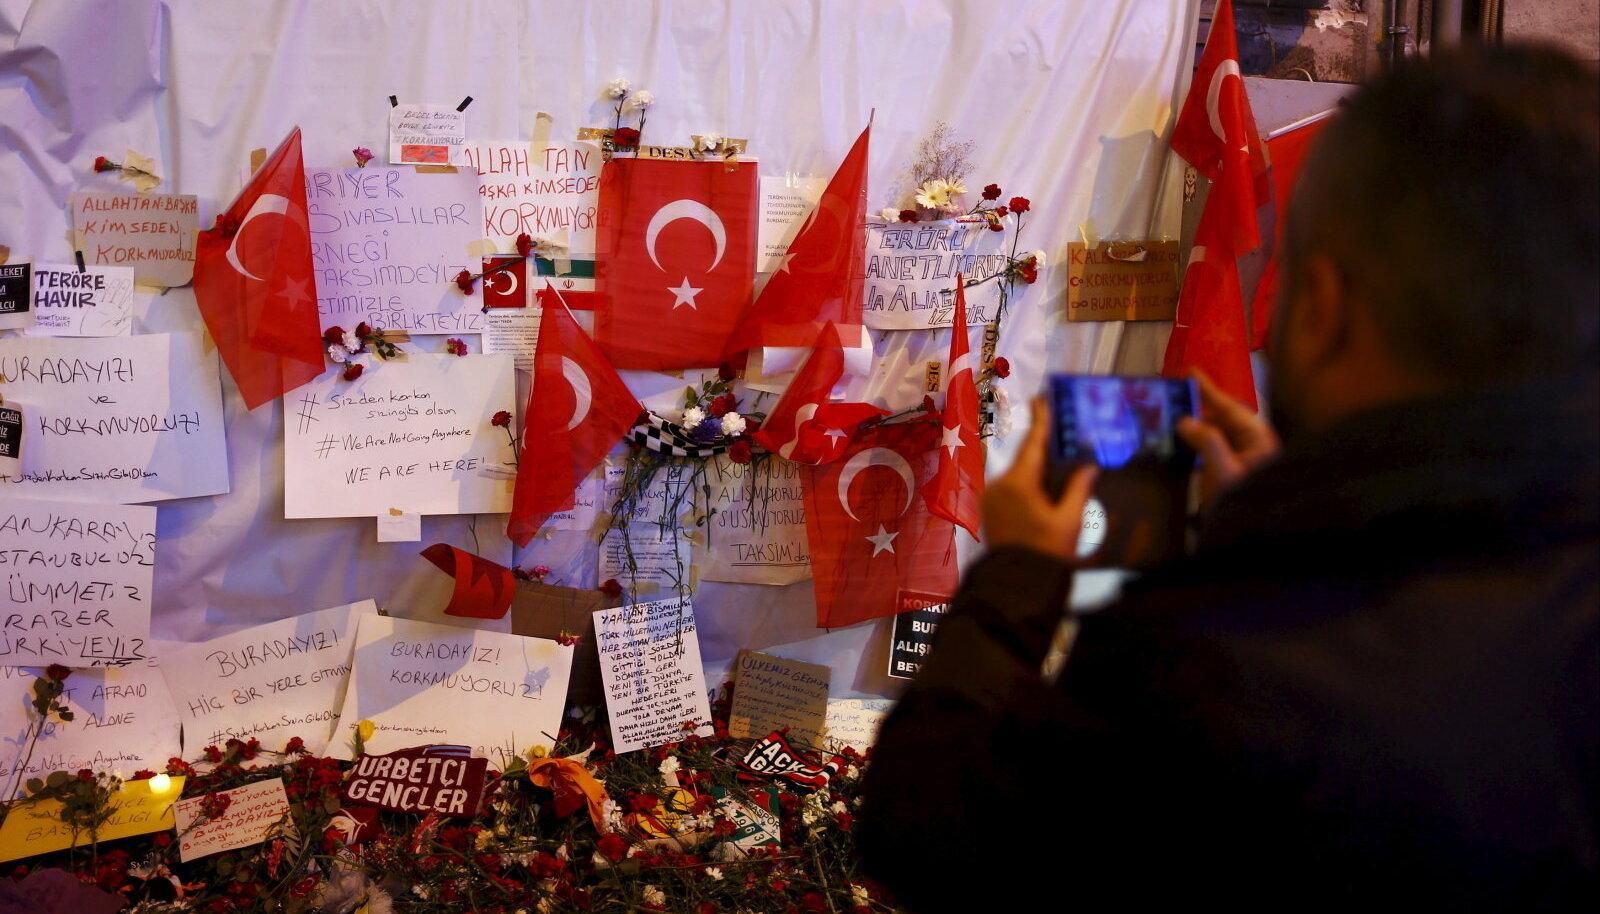 Laupäevase terroriakti ohvrite mälestuseks toodud järelehüüded Türgi lippude ja lillede vahel.